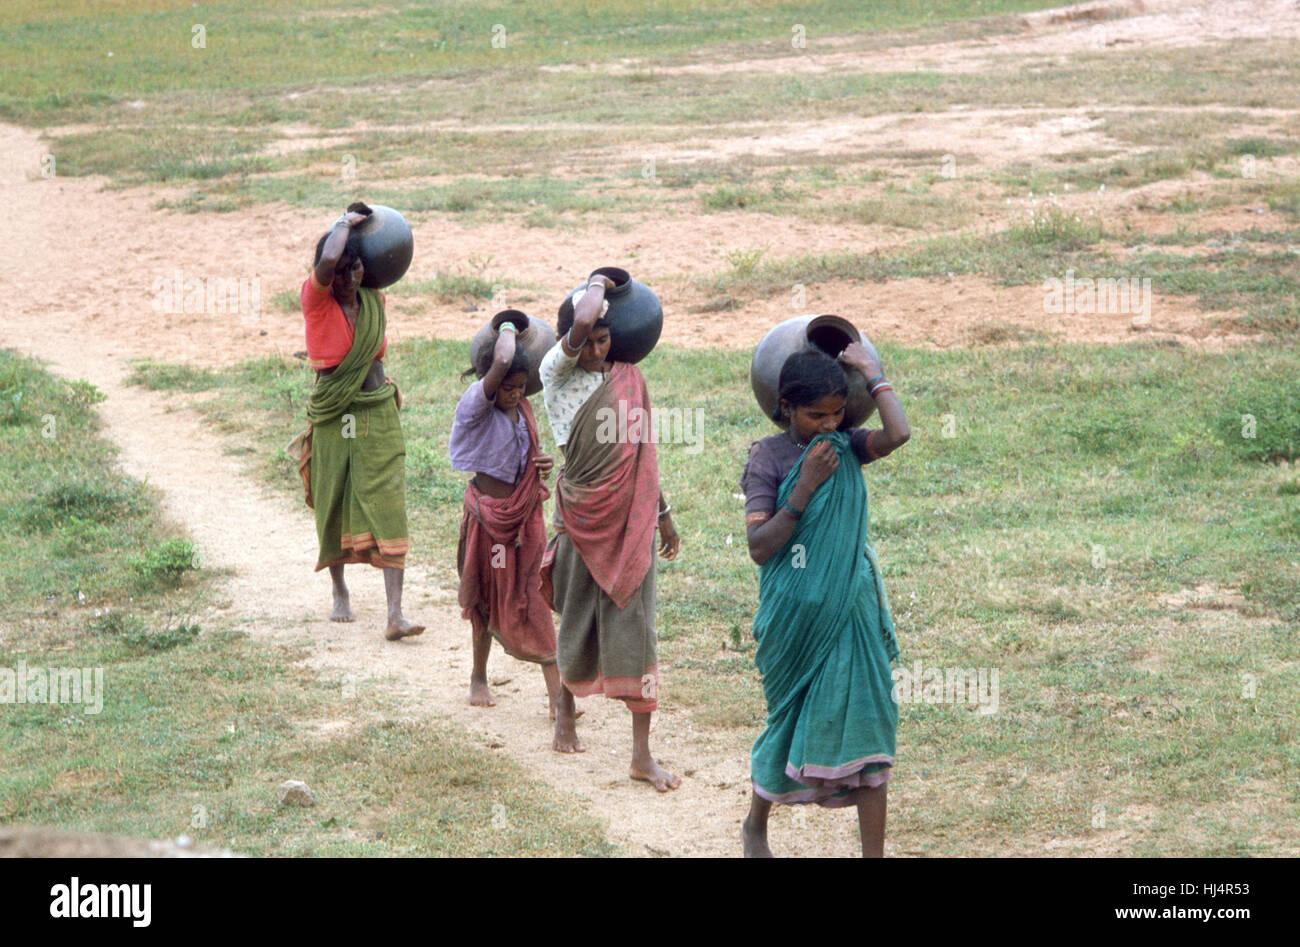 La India las mujeres trae agua fresca para su hogar Imagen De Stock